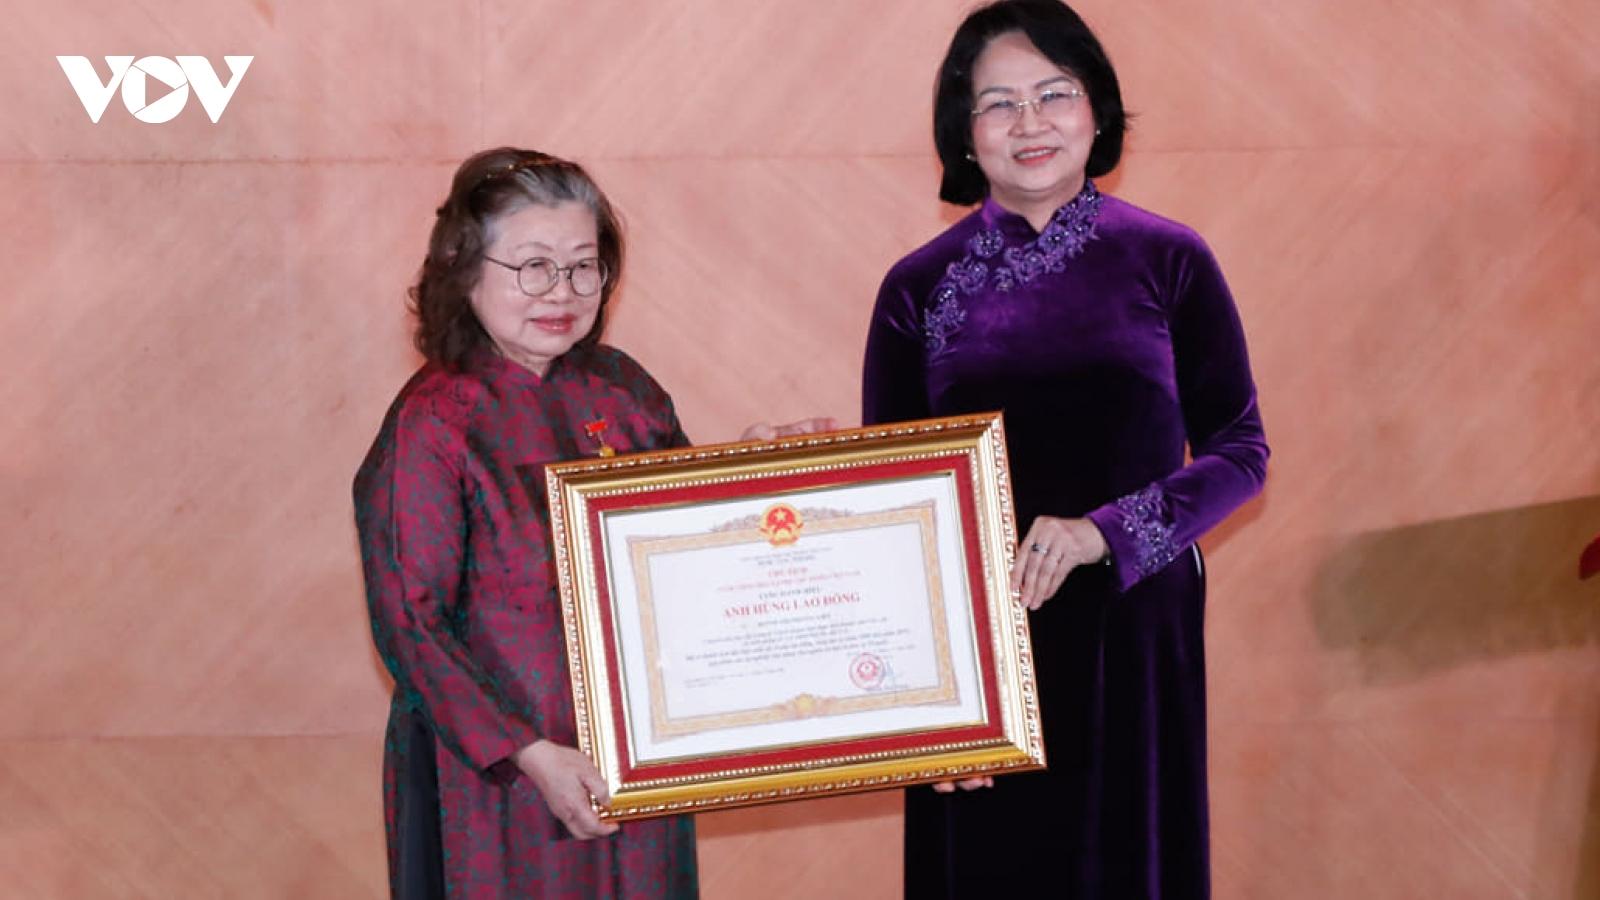 Trao tặng danh hiệu Anh hùng lao động thời kỳ đổi mới cho TTND.GS.TS Huỳnh Thị Phương Liên